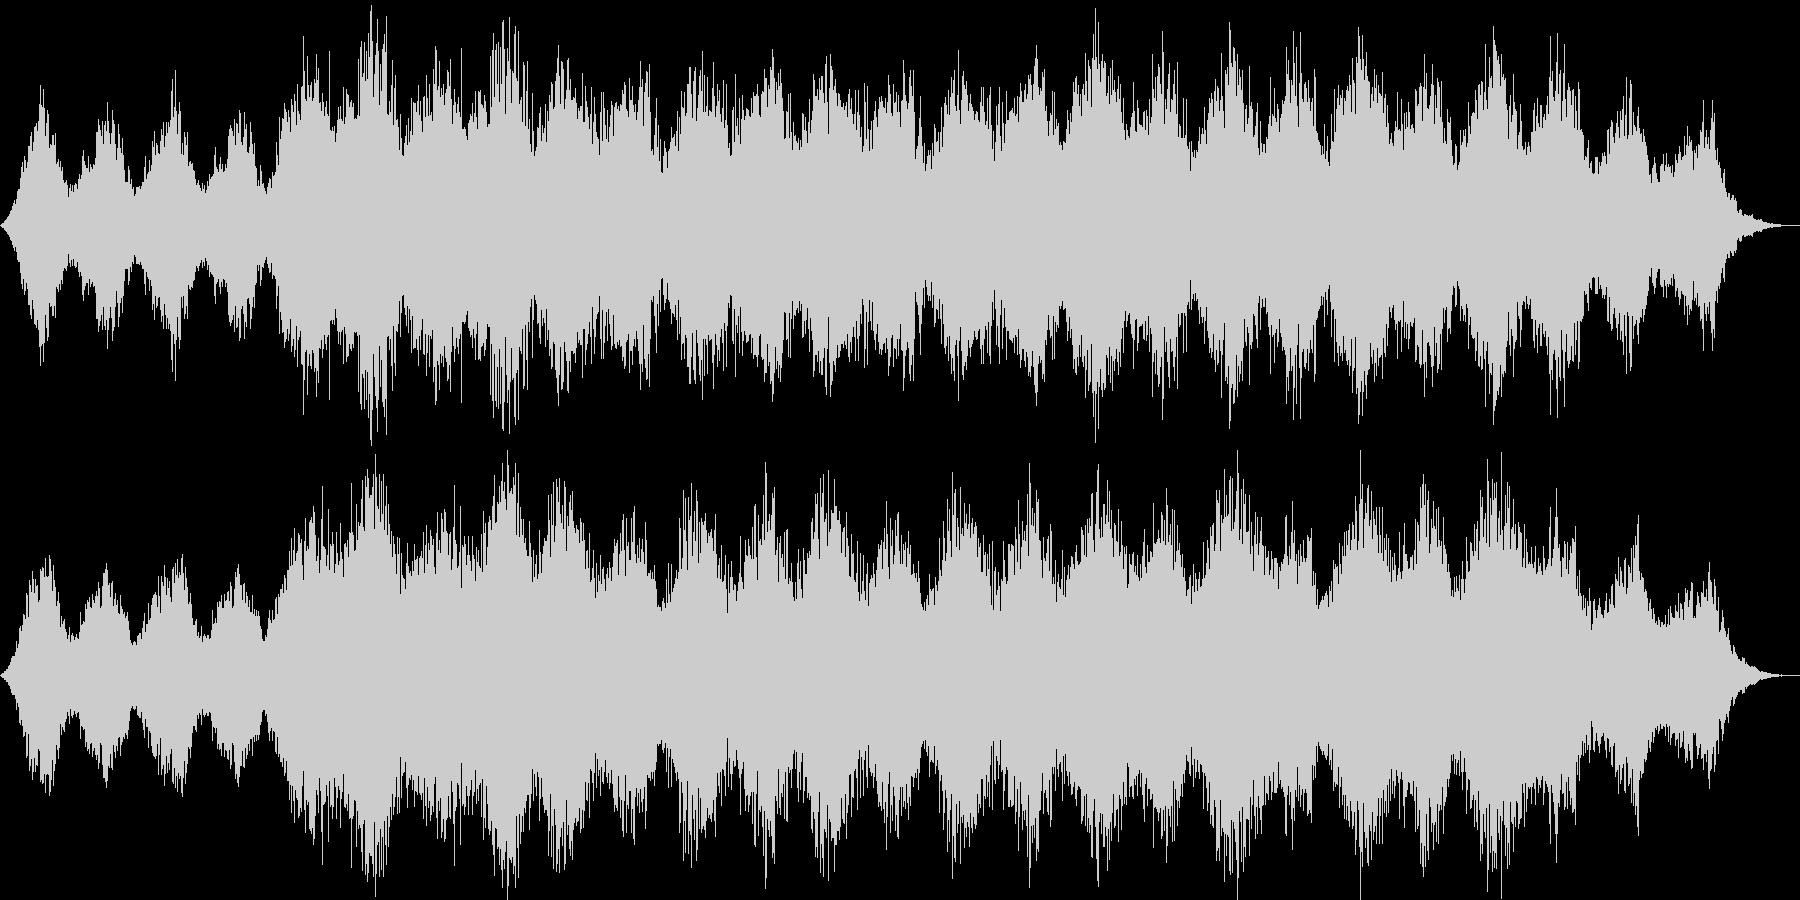 瞑想・ヒーリング的なクワイアの静かな曲2の未再生の波形